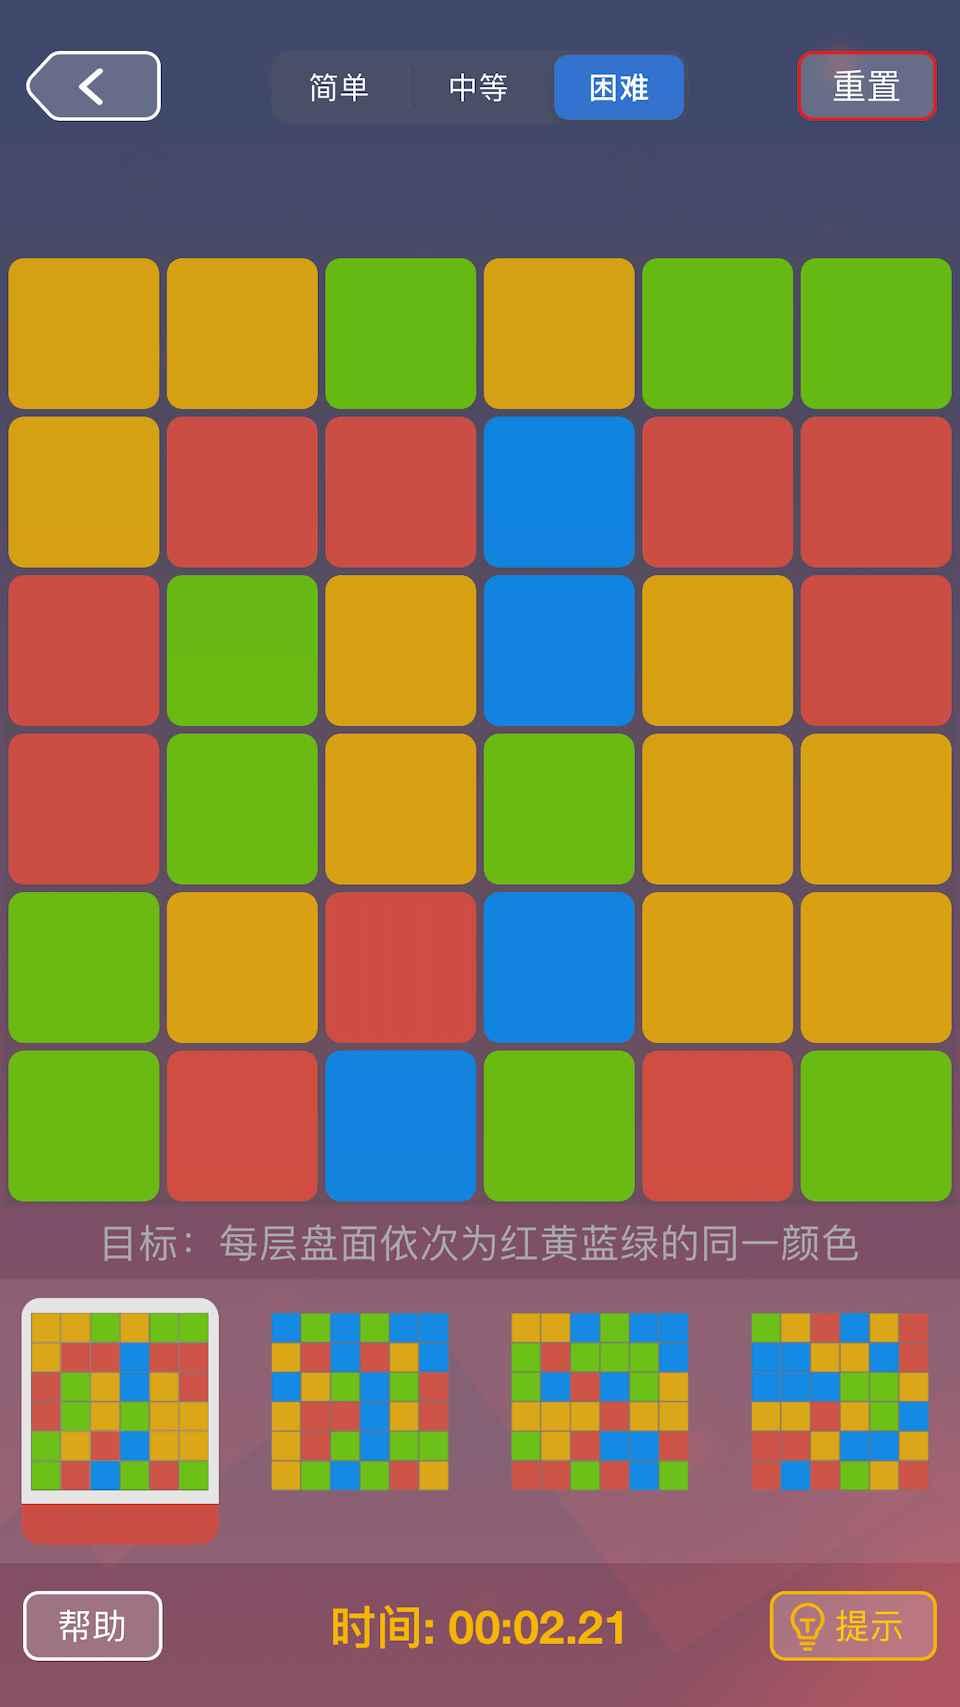 一触即发 - 四色迭代(测试版)截图3